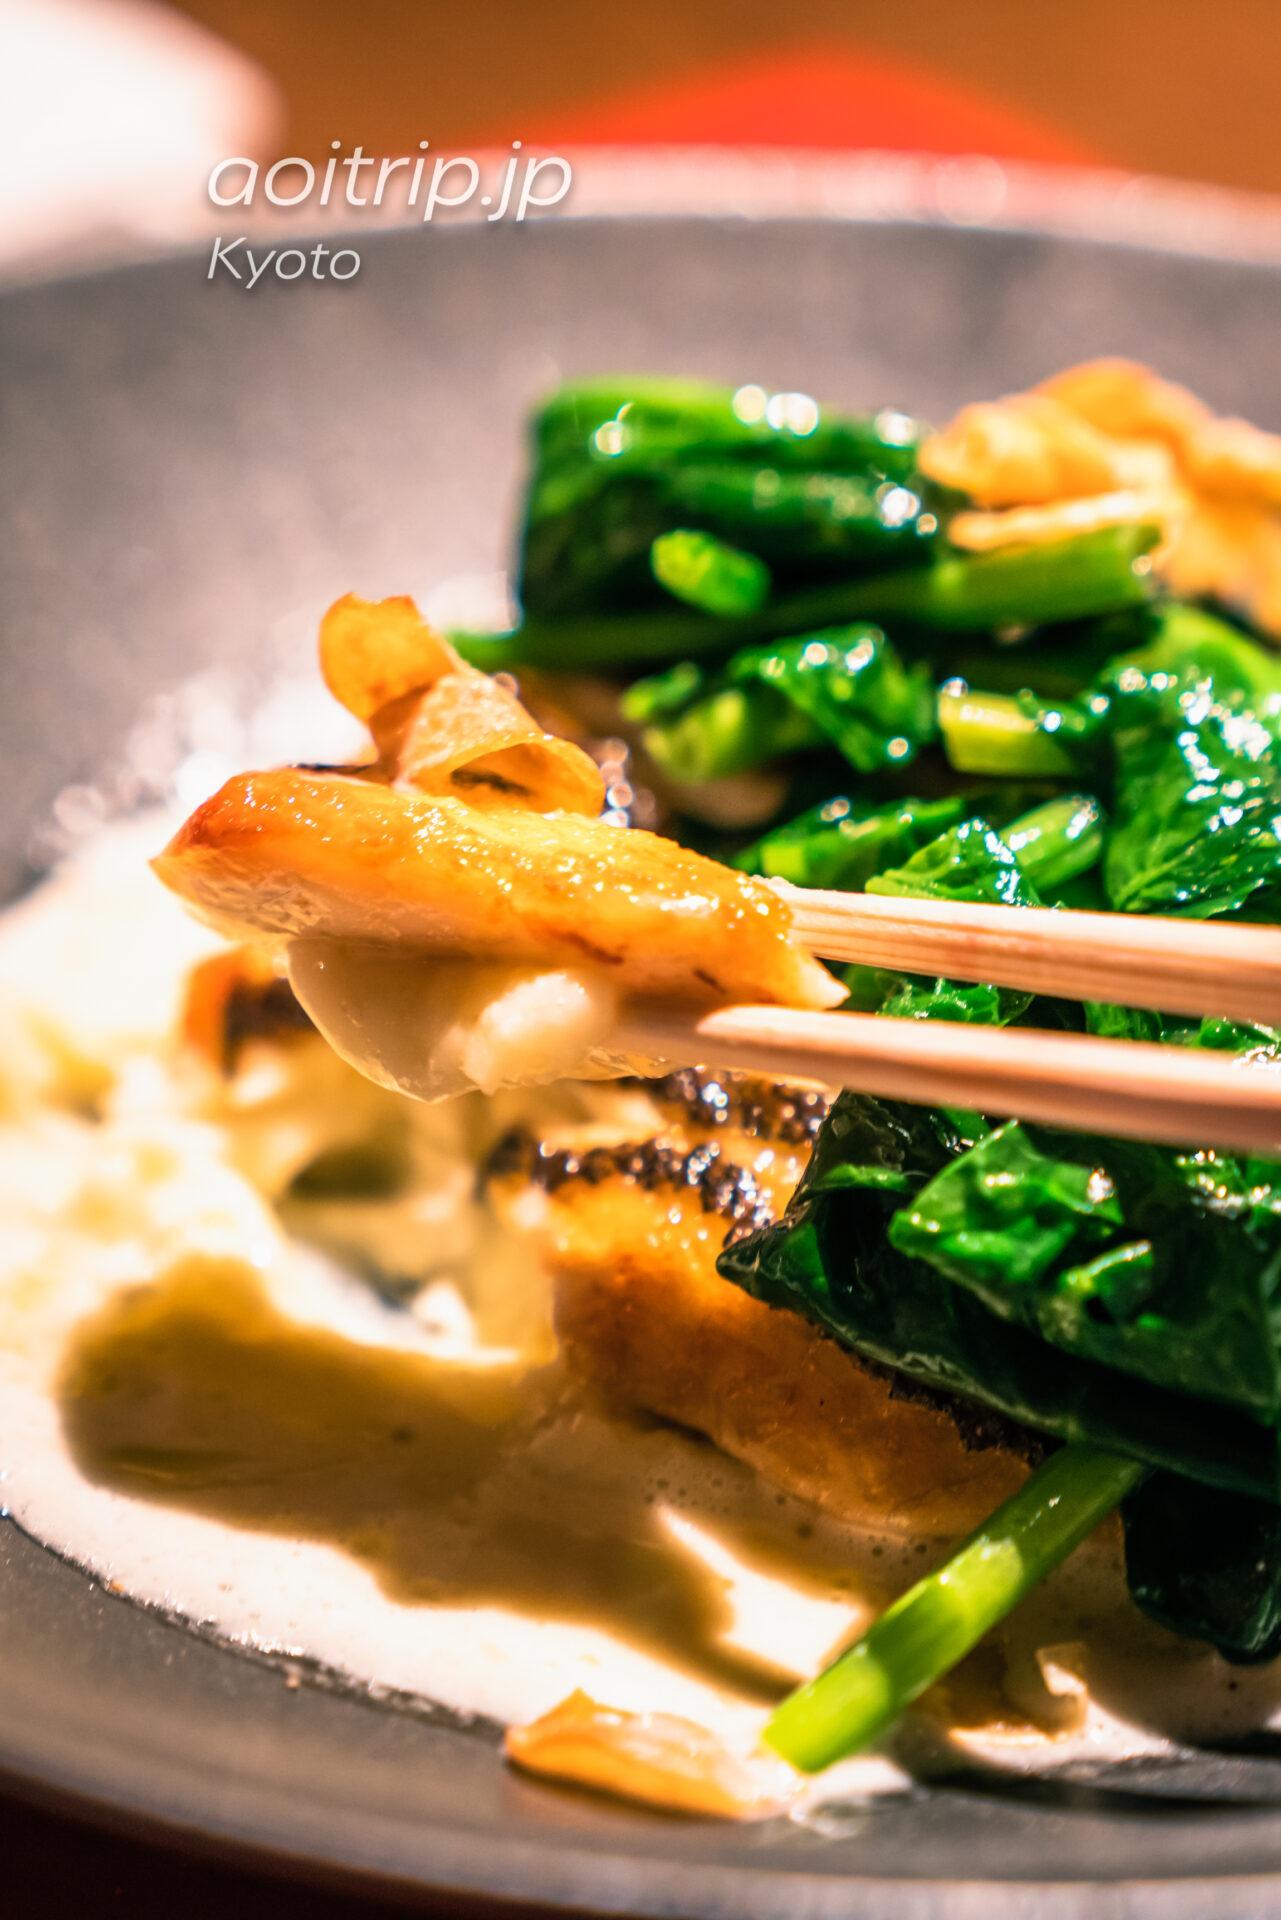 翠嵐 ラグジュアリーコレクションホテル 京都 レストラン京翠嵐 真鯛のポアレ ジャガイモ 法蓮草 シャンパンソース